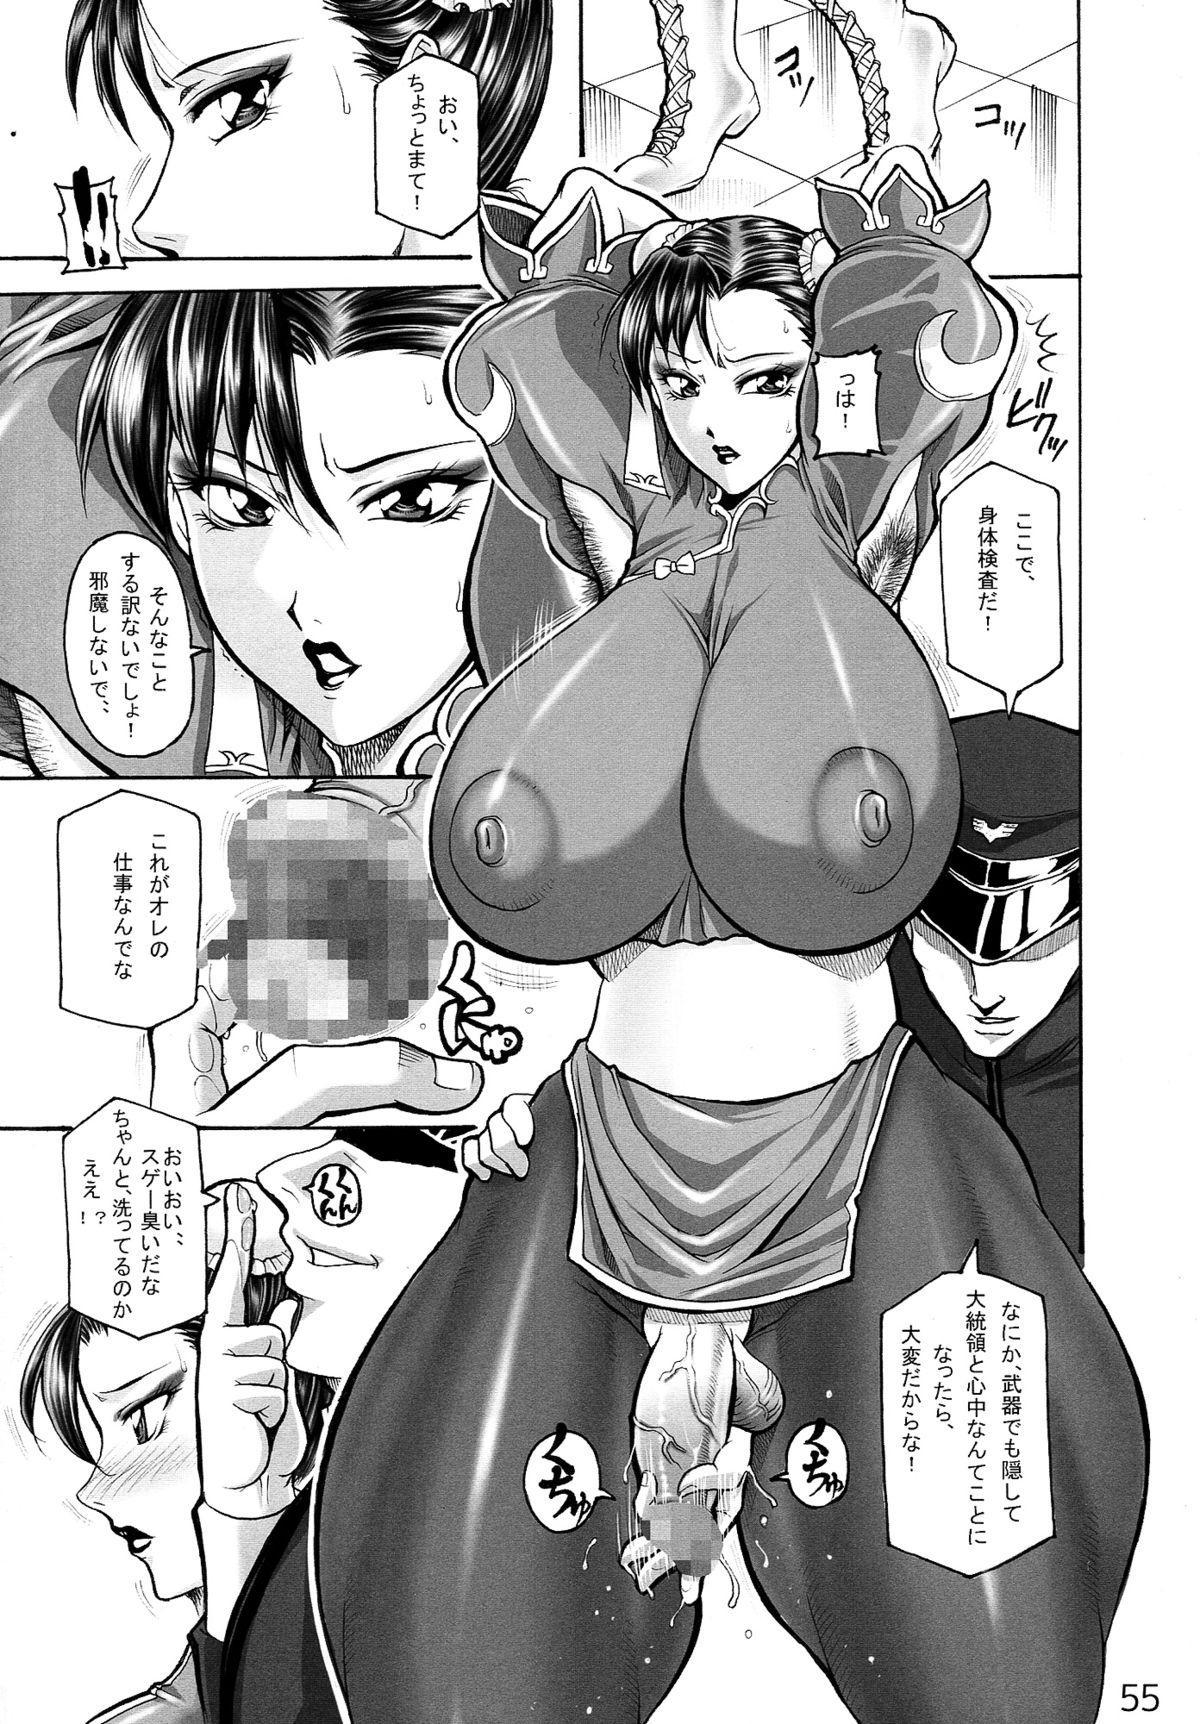 Shuukan Nikubanare Ni-gou 54